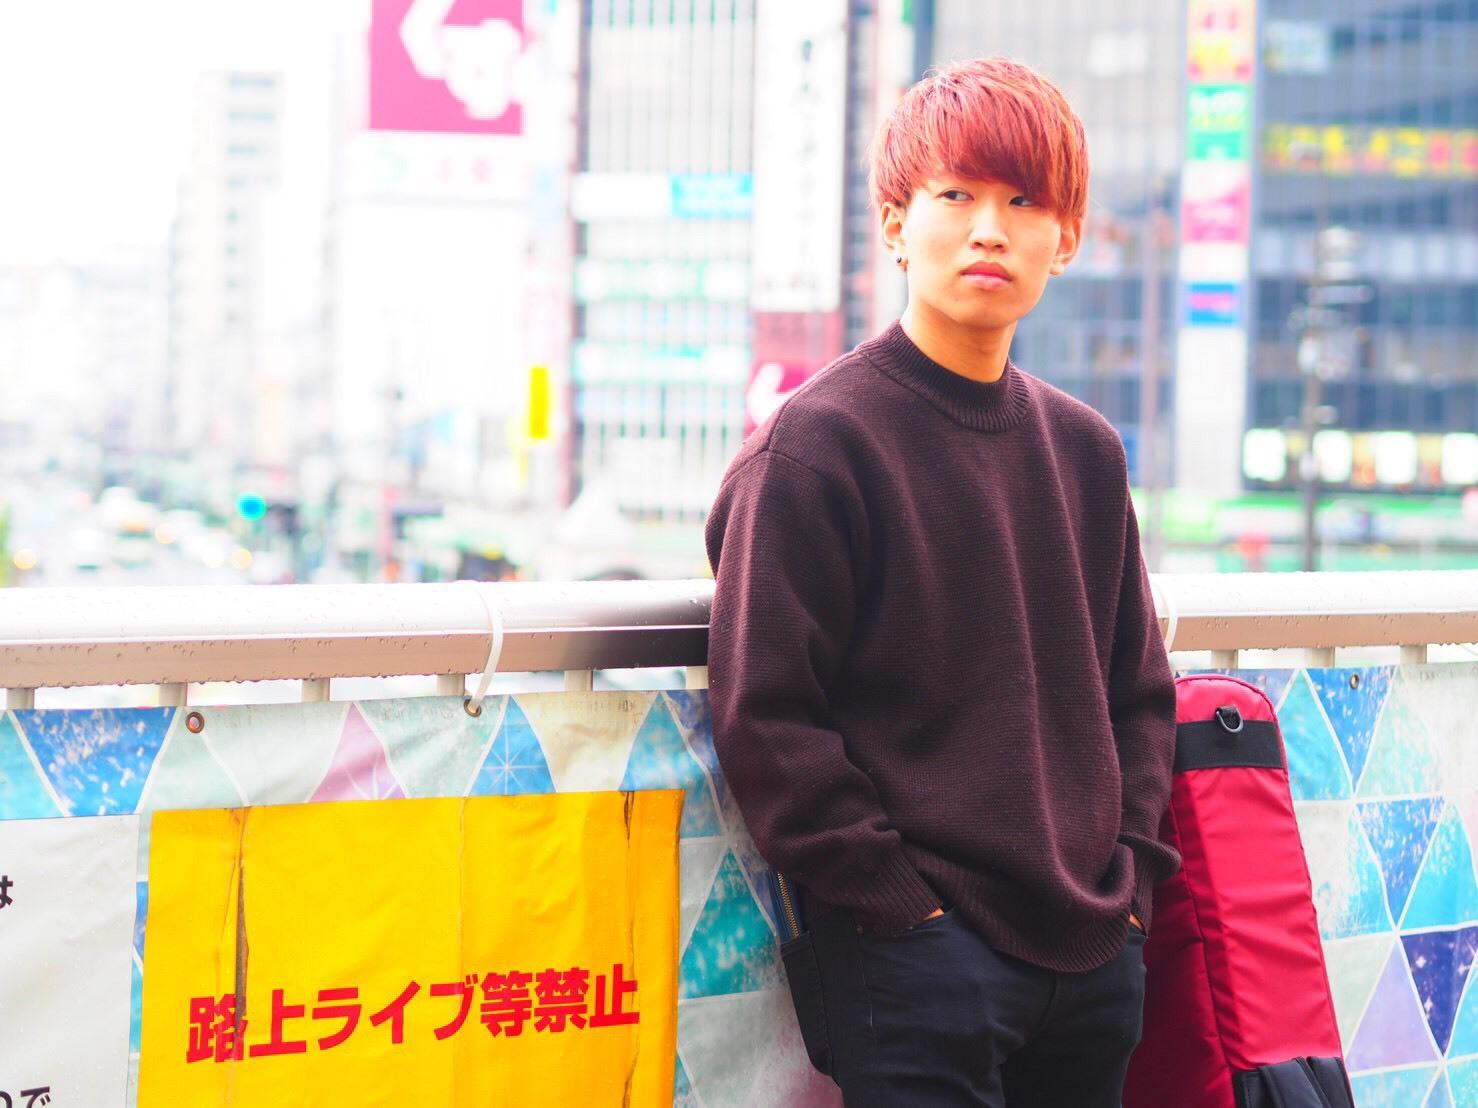 【きゃない】上京記念!!New Albumリリース&今までの音源の再販キャンペーン!